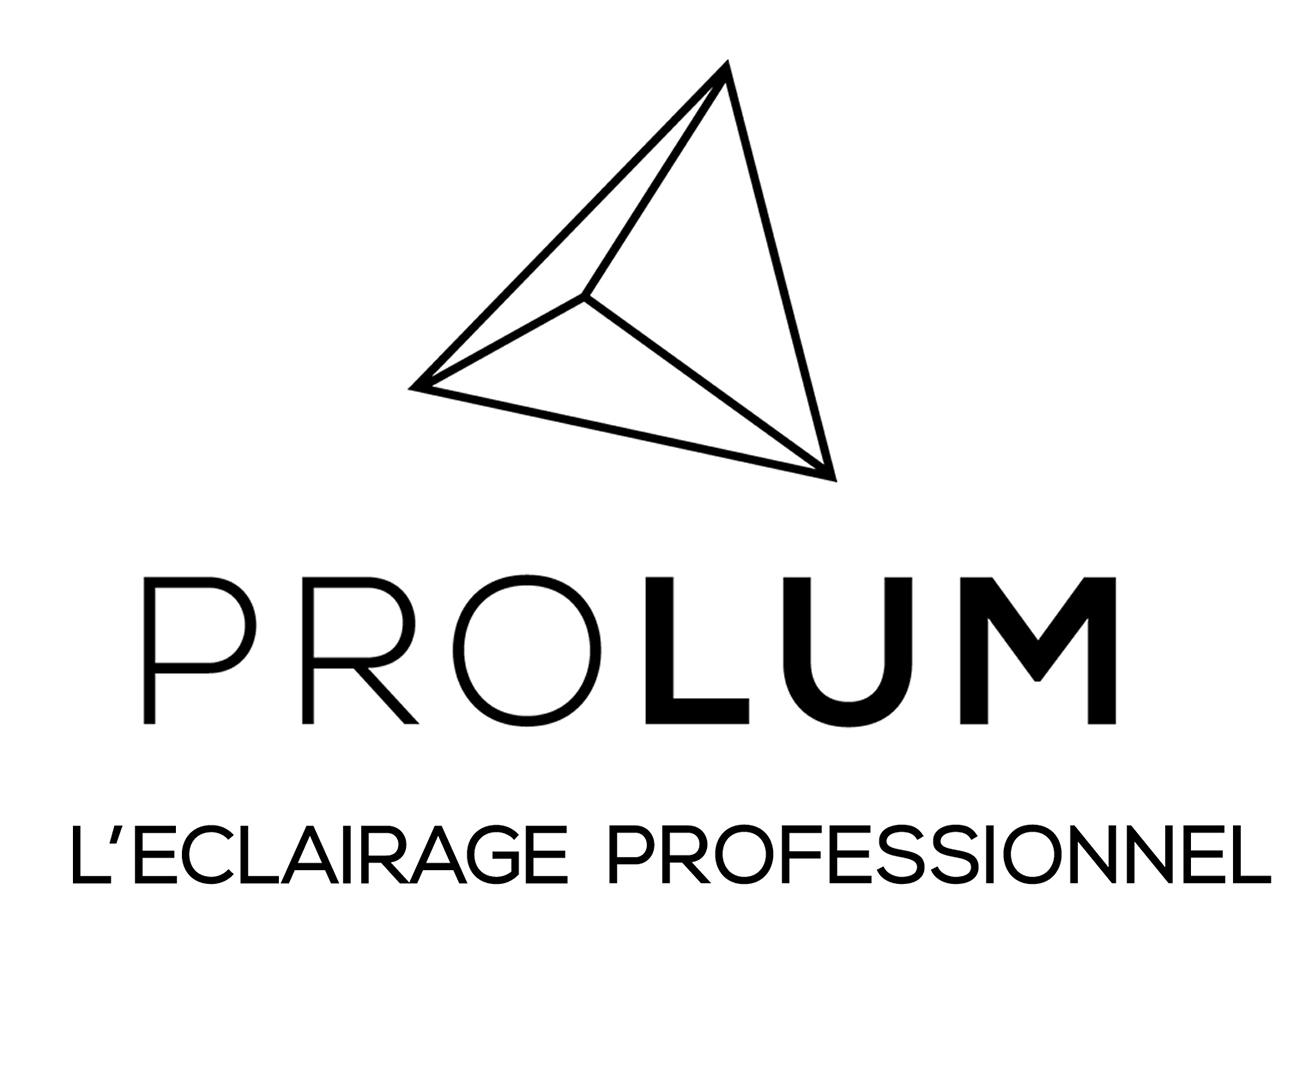 Prolum éclairage professionnel